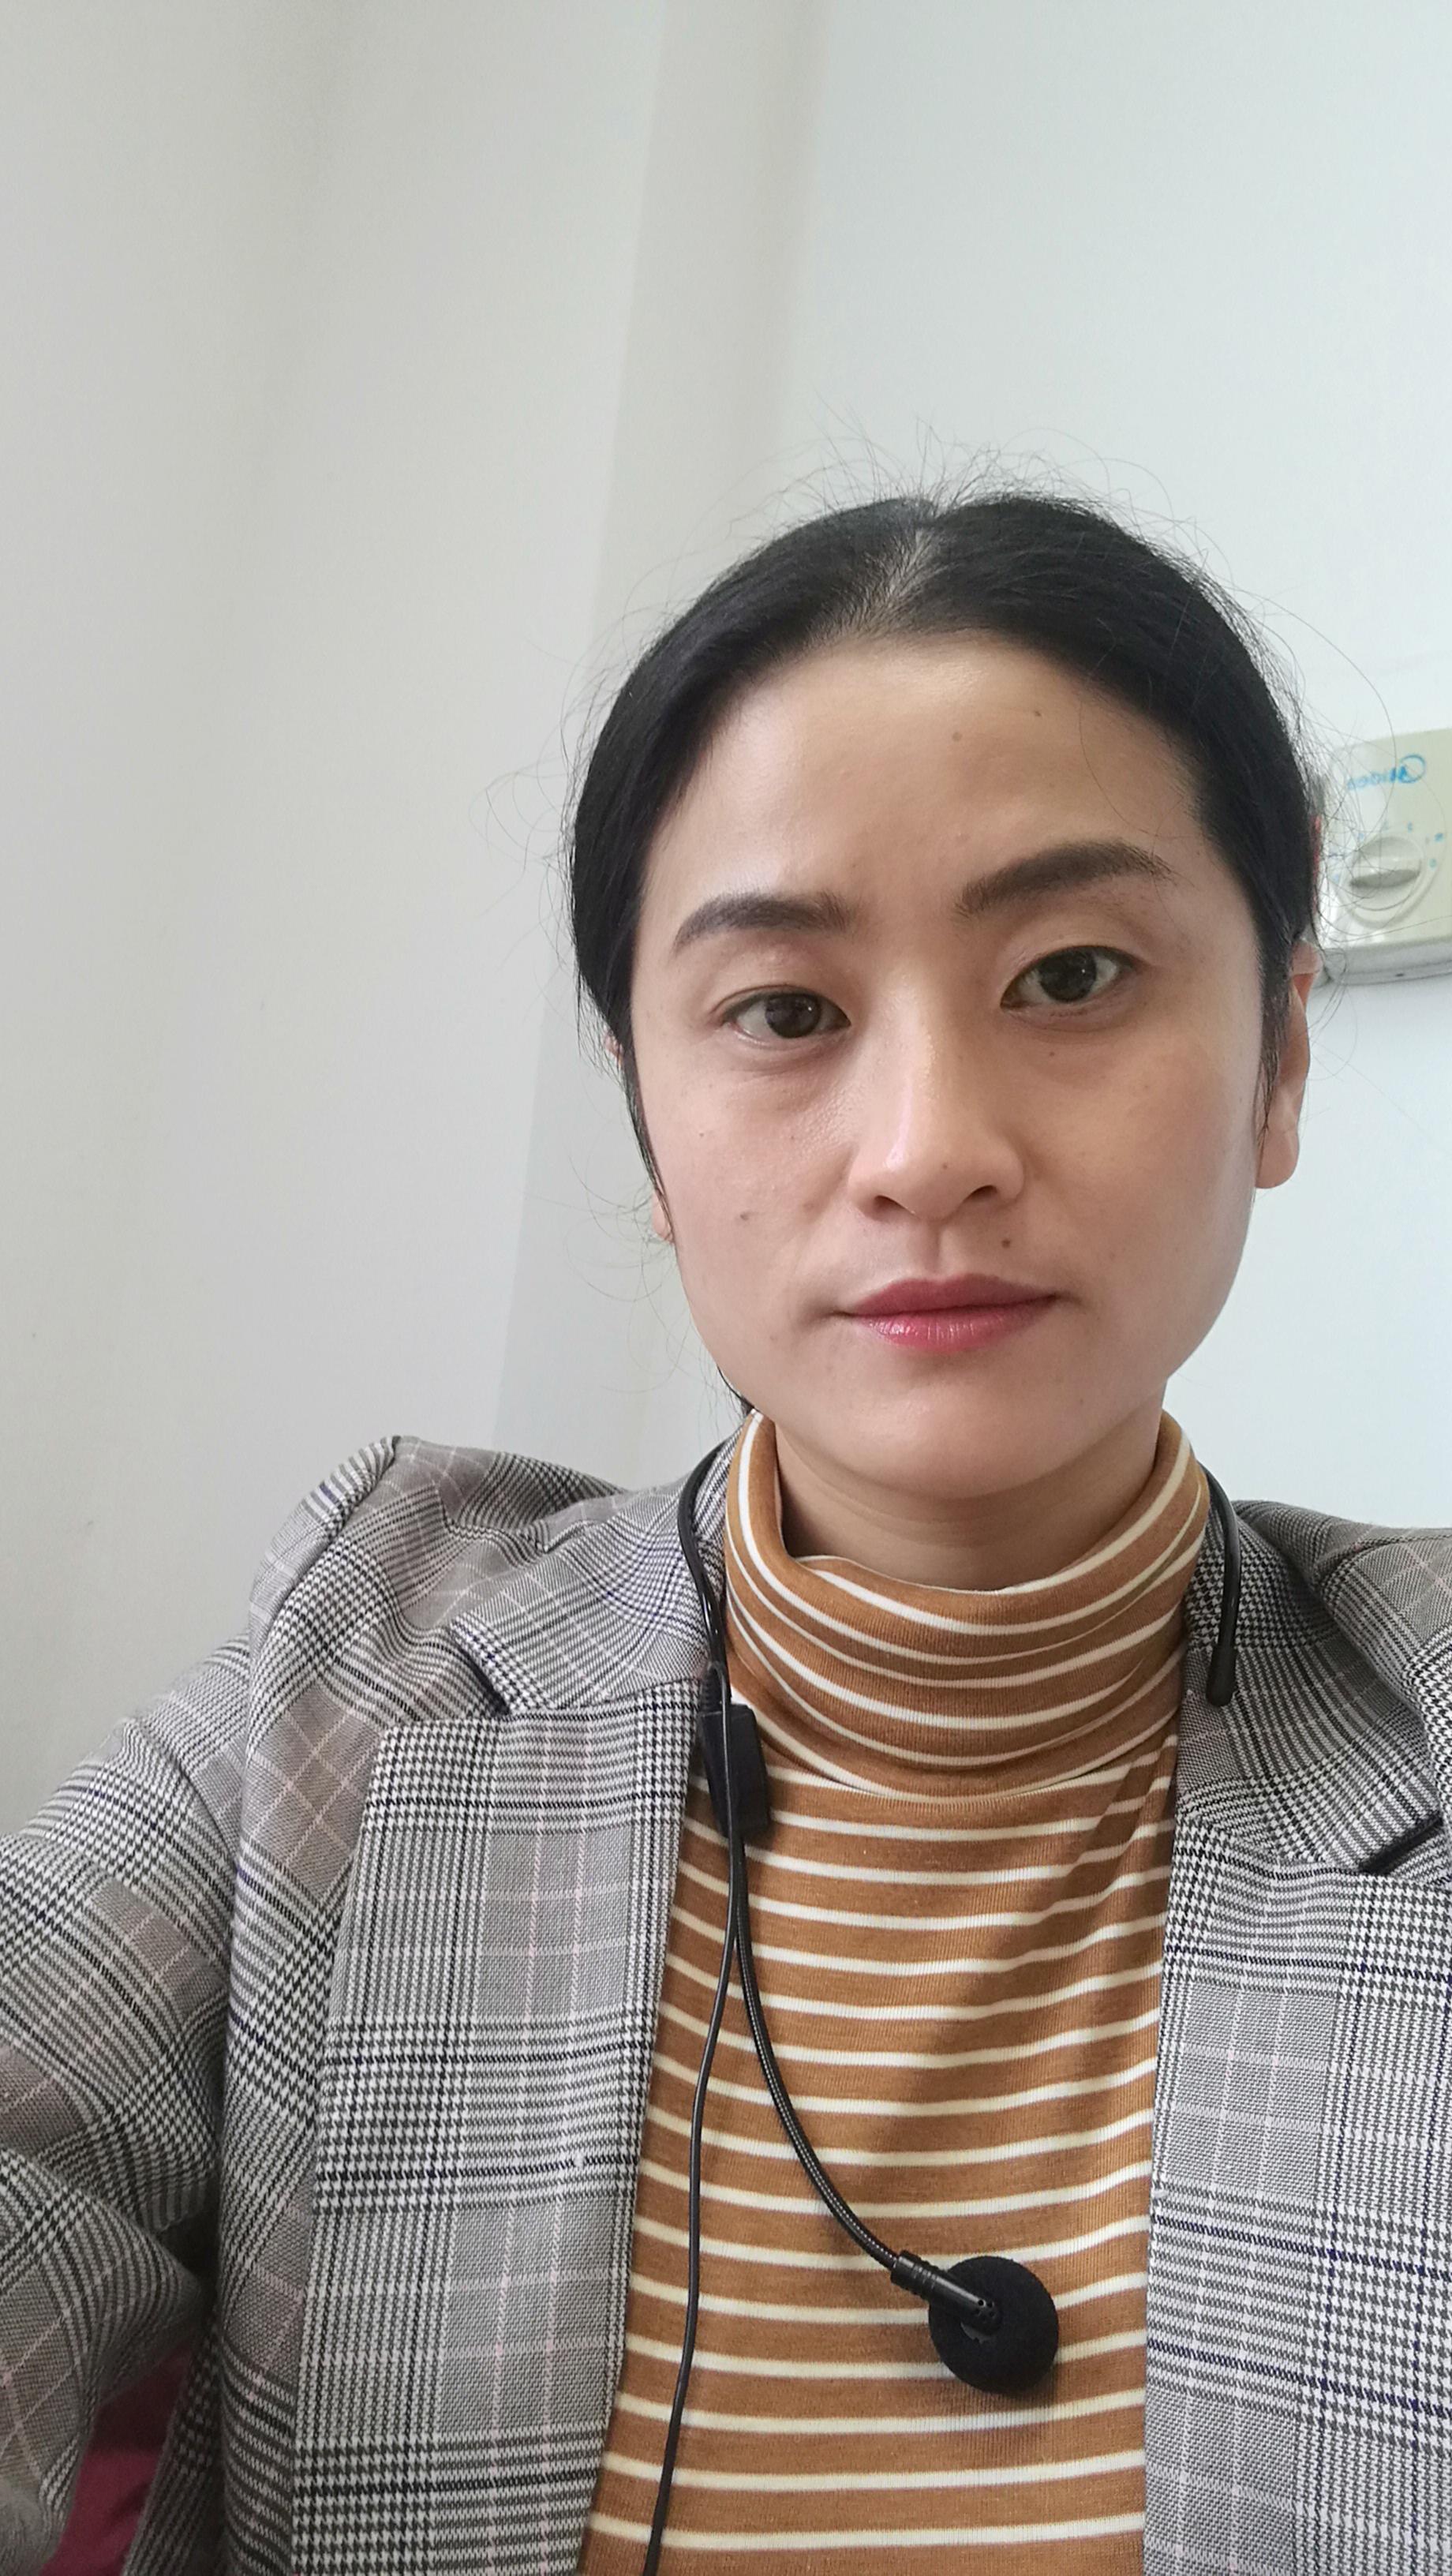 黄埔家教徐教员